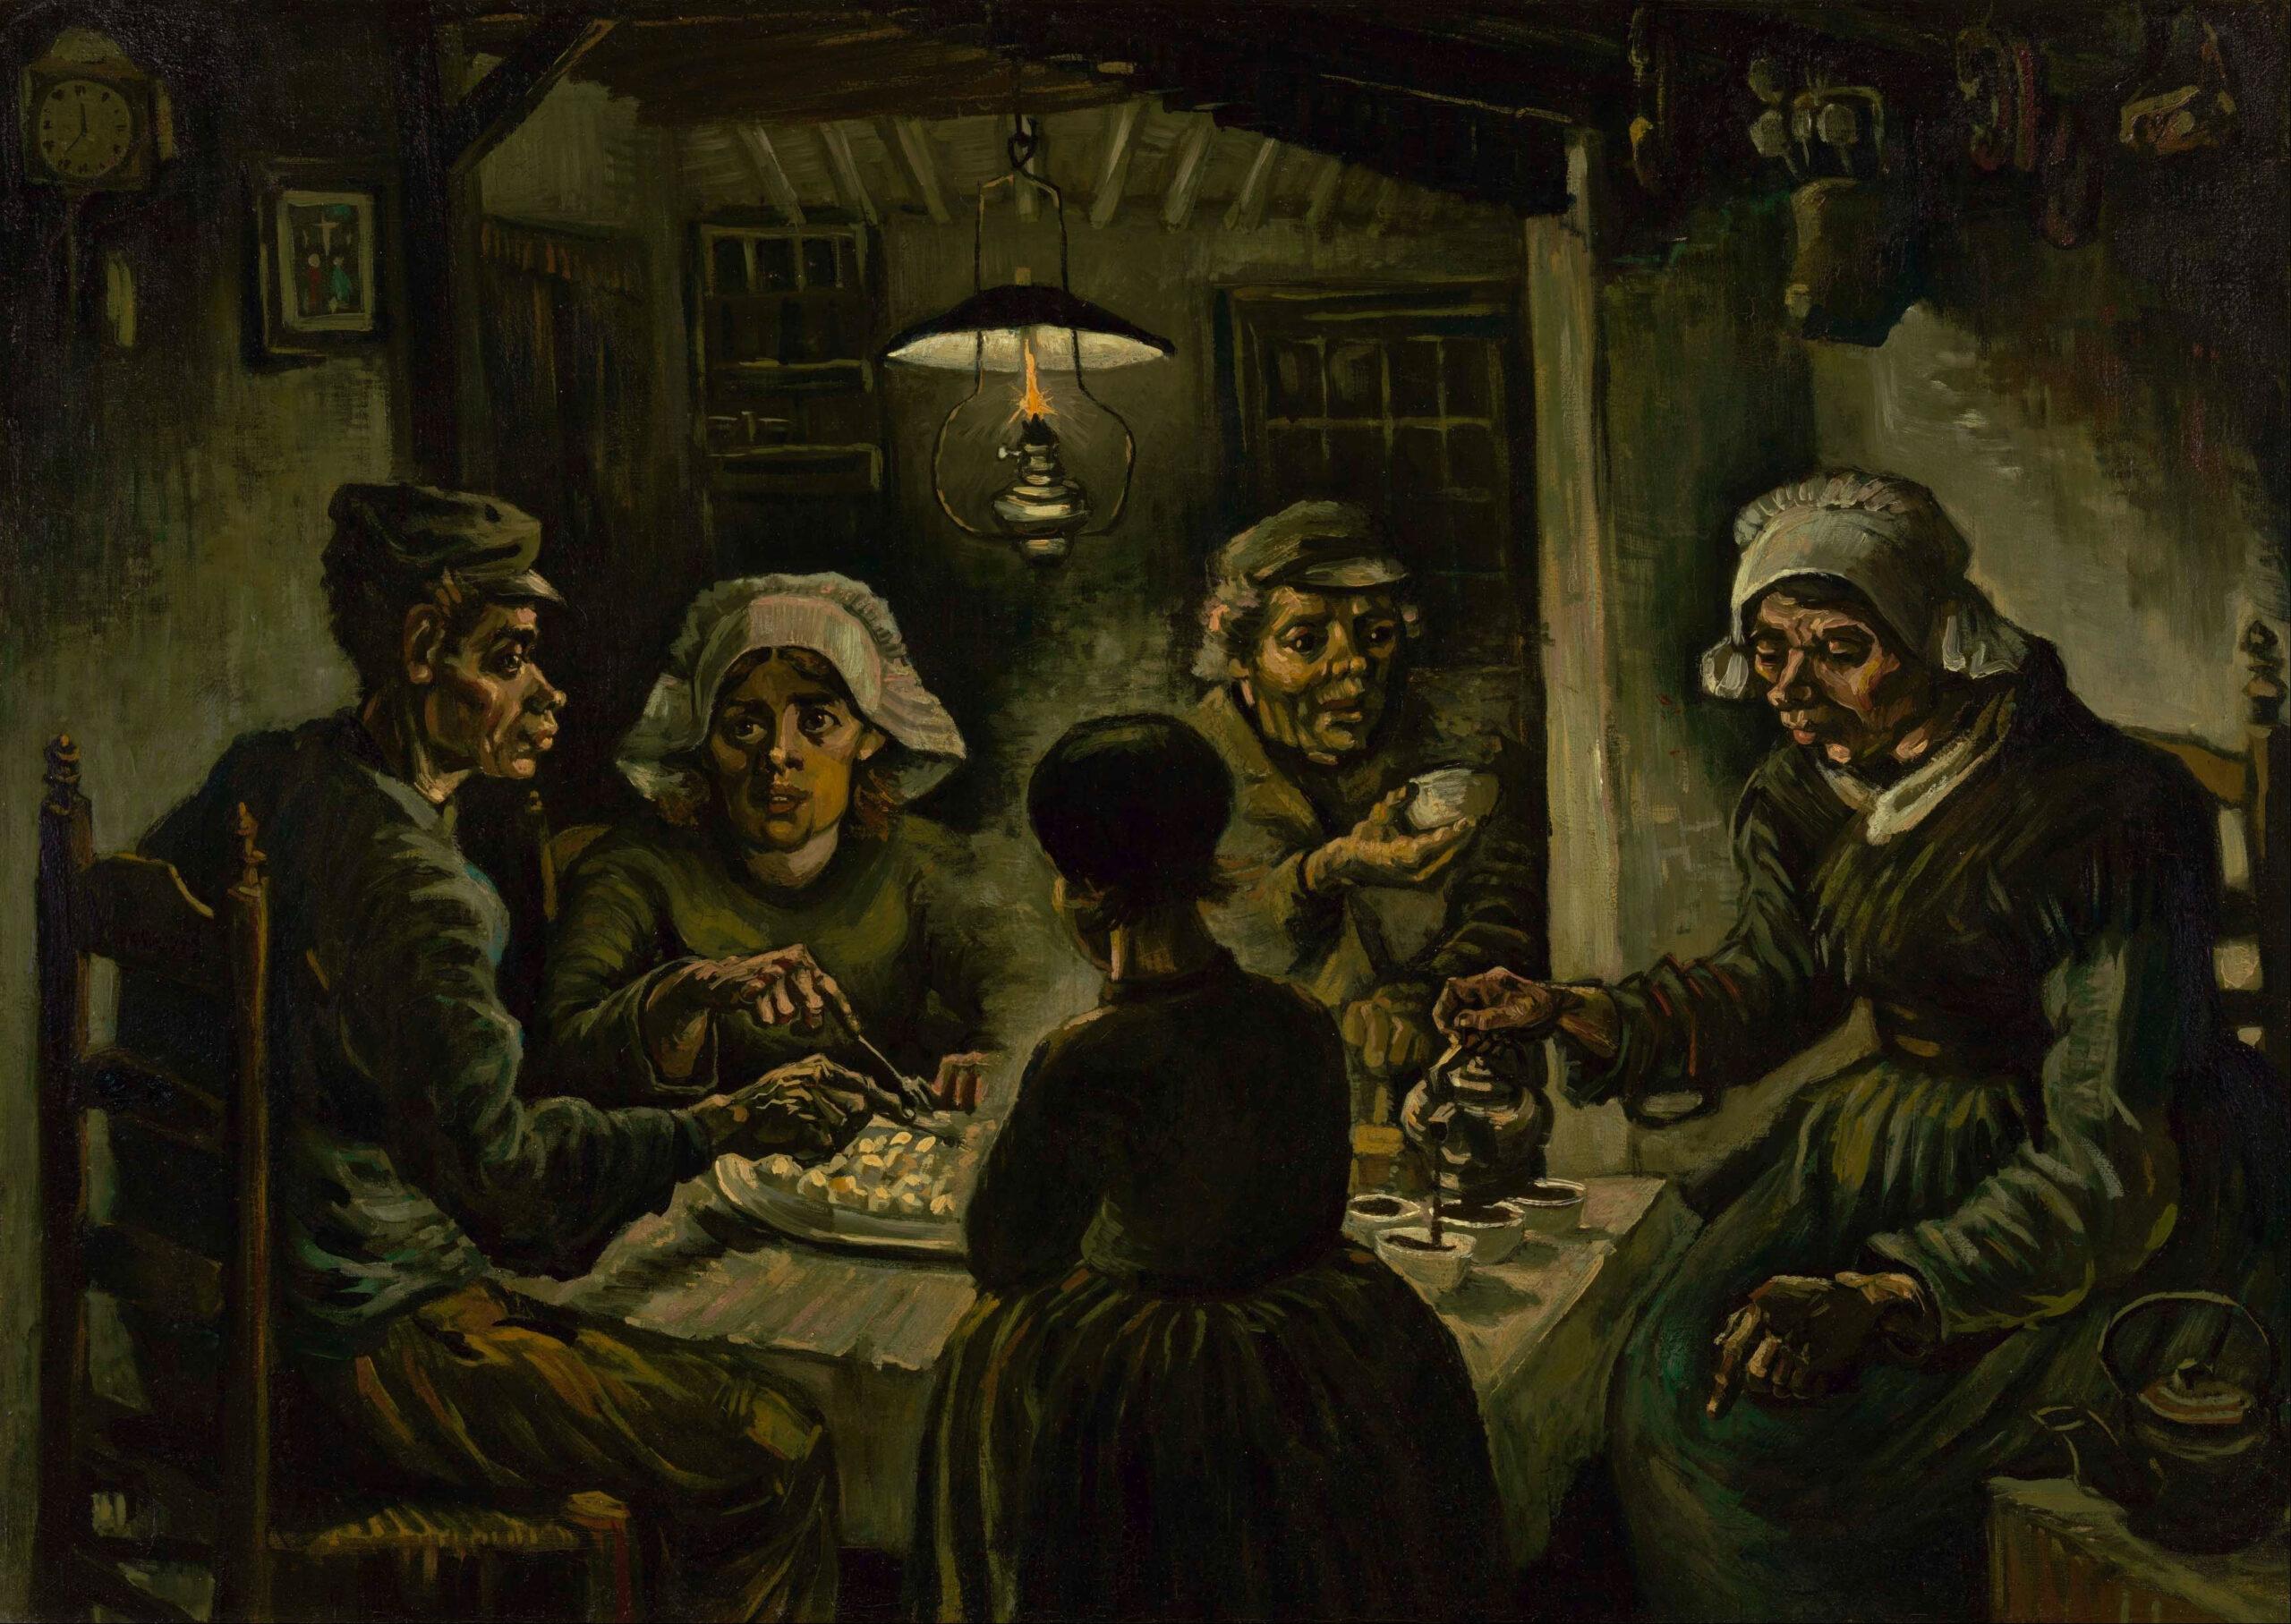 Errore o capolavoro? Al Van Gogh Museum una mostra su I mangiatori di patate